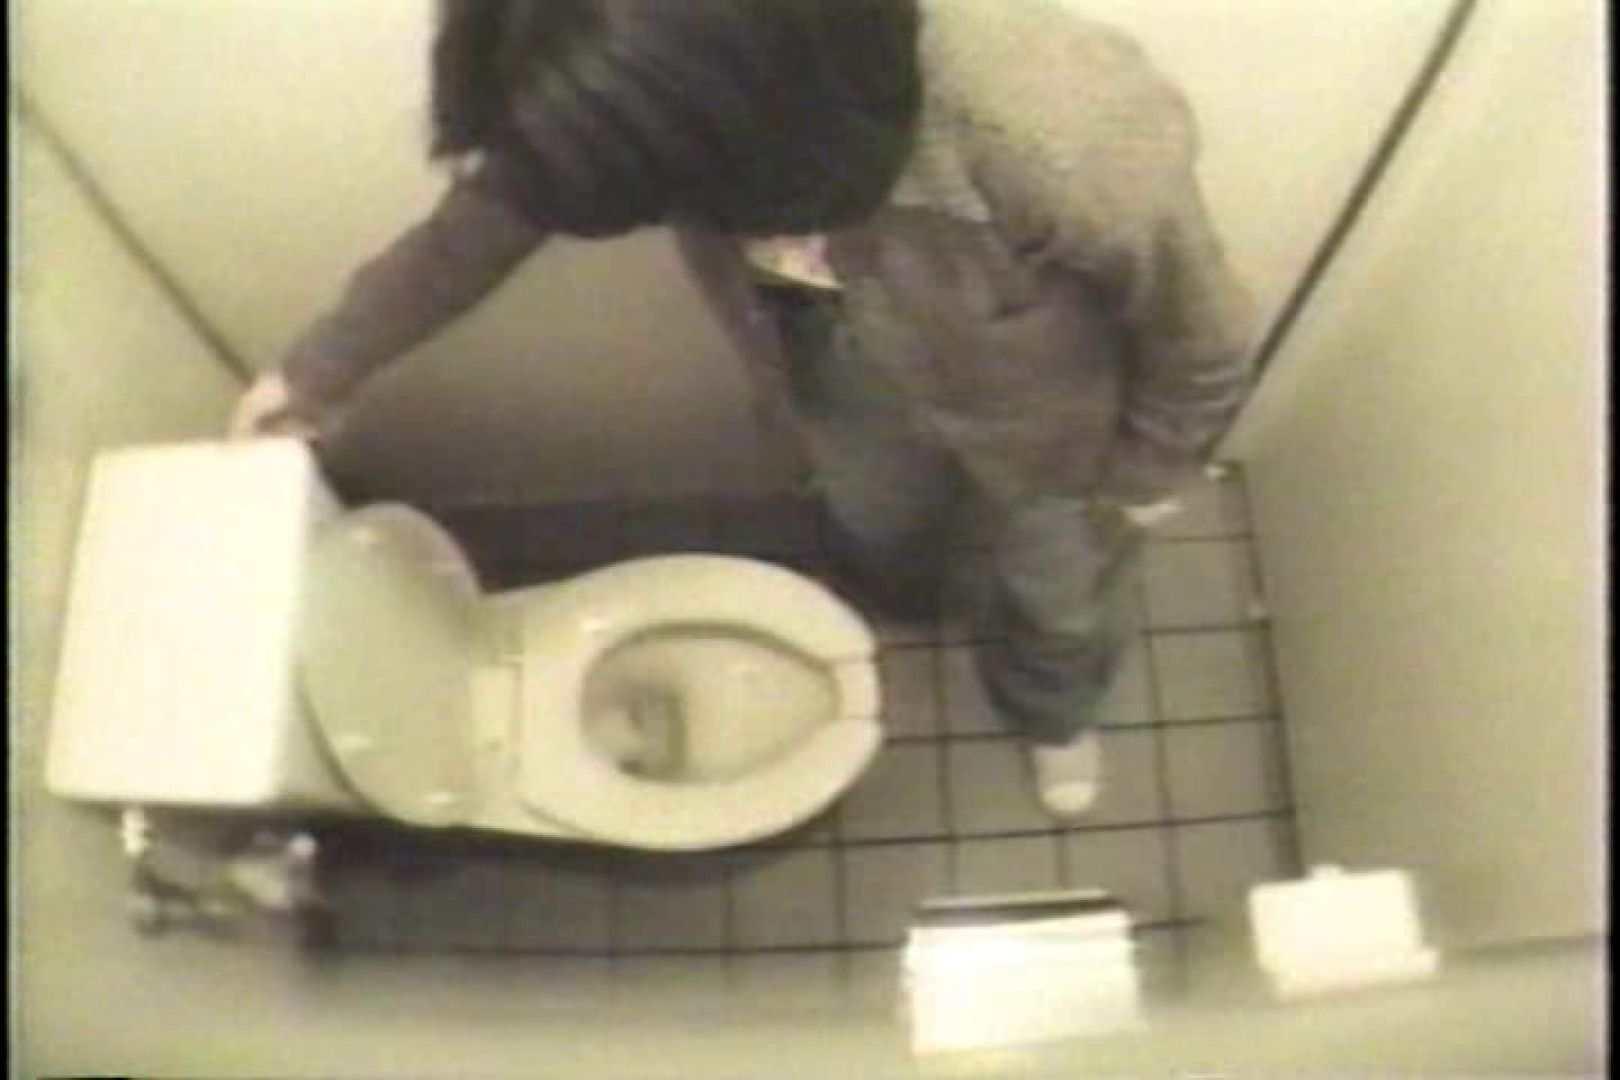 盗撮 女子洗面所3ヶ所入ってしゃがんで音出して プライベート | 和式  67pic 5